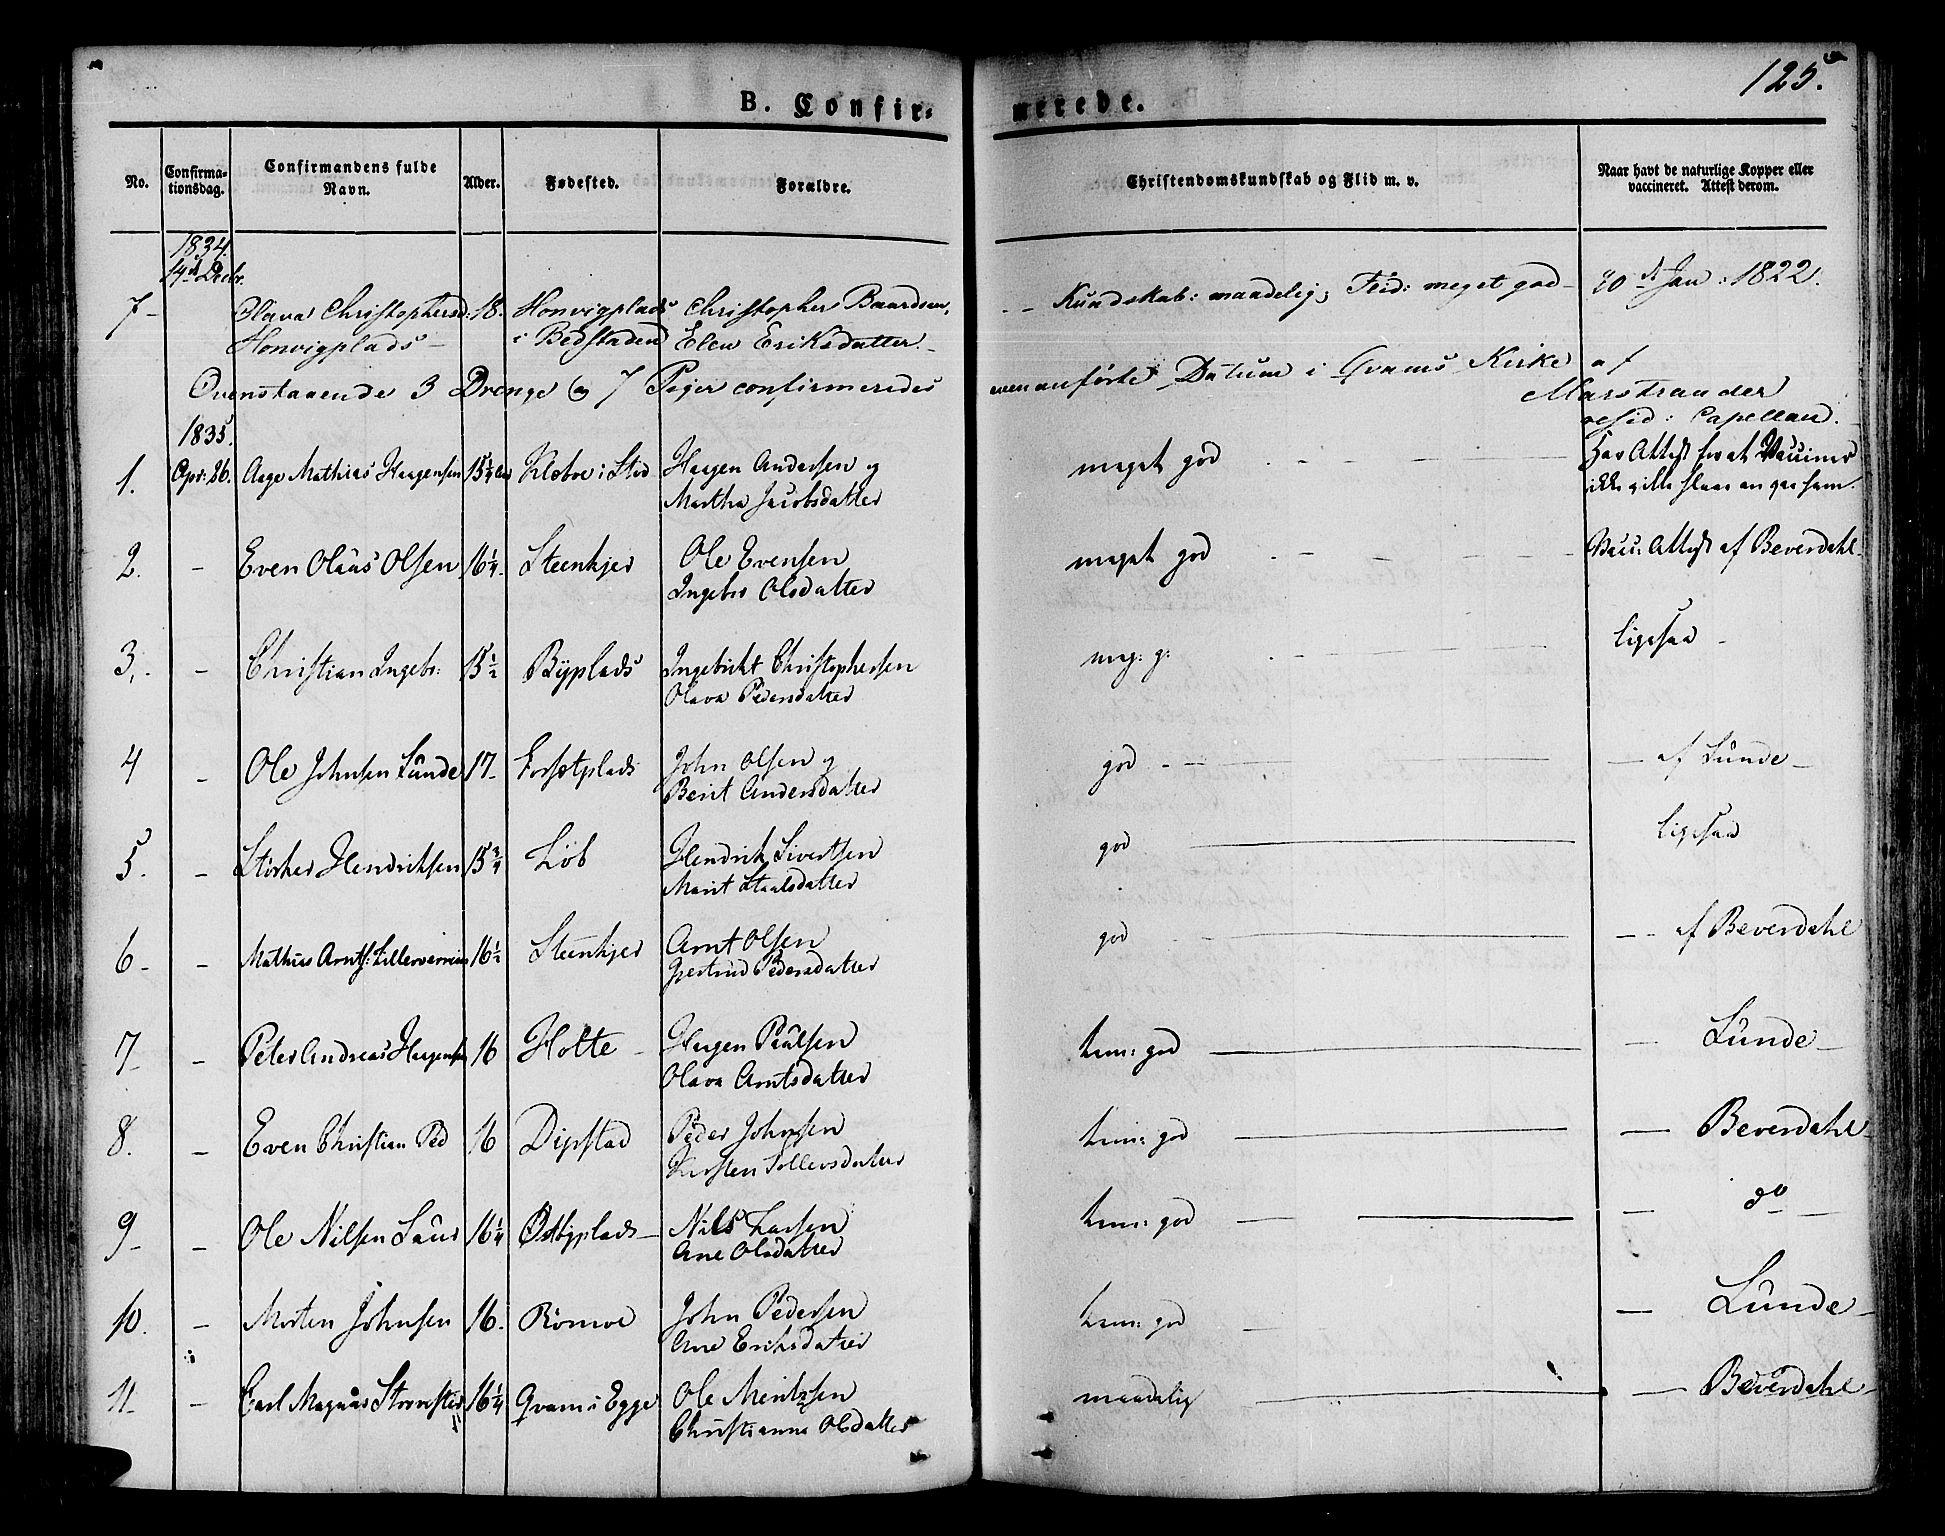 SAT, Ministerialprotokoller, klokkerbøker og fødselsregistre - Nord-Trøndelag, 746/L0445: Ministerialbok nr. 746A04, 1826-1846, s. 125